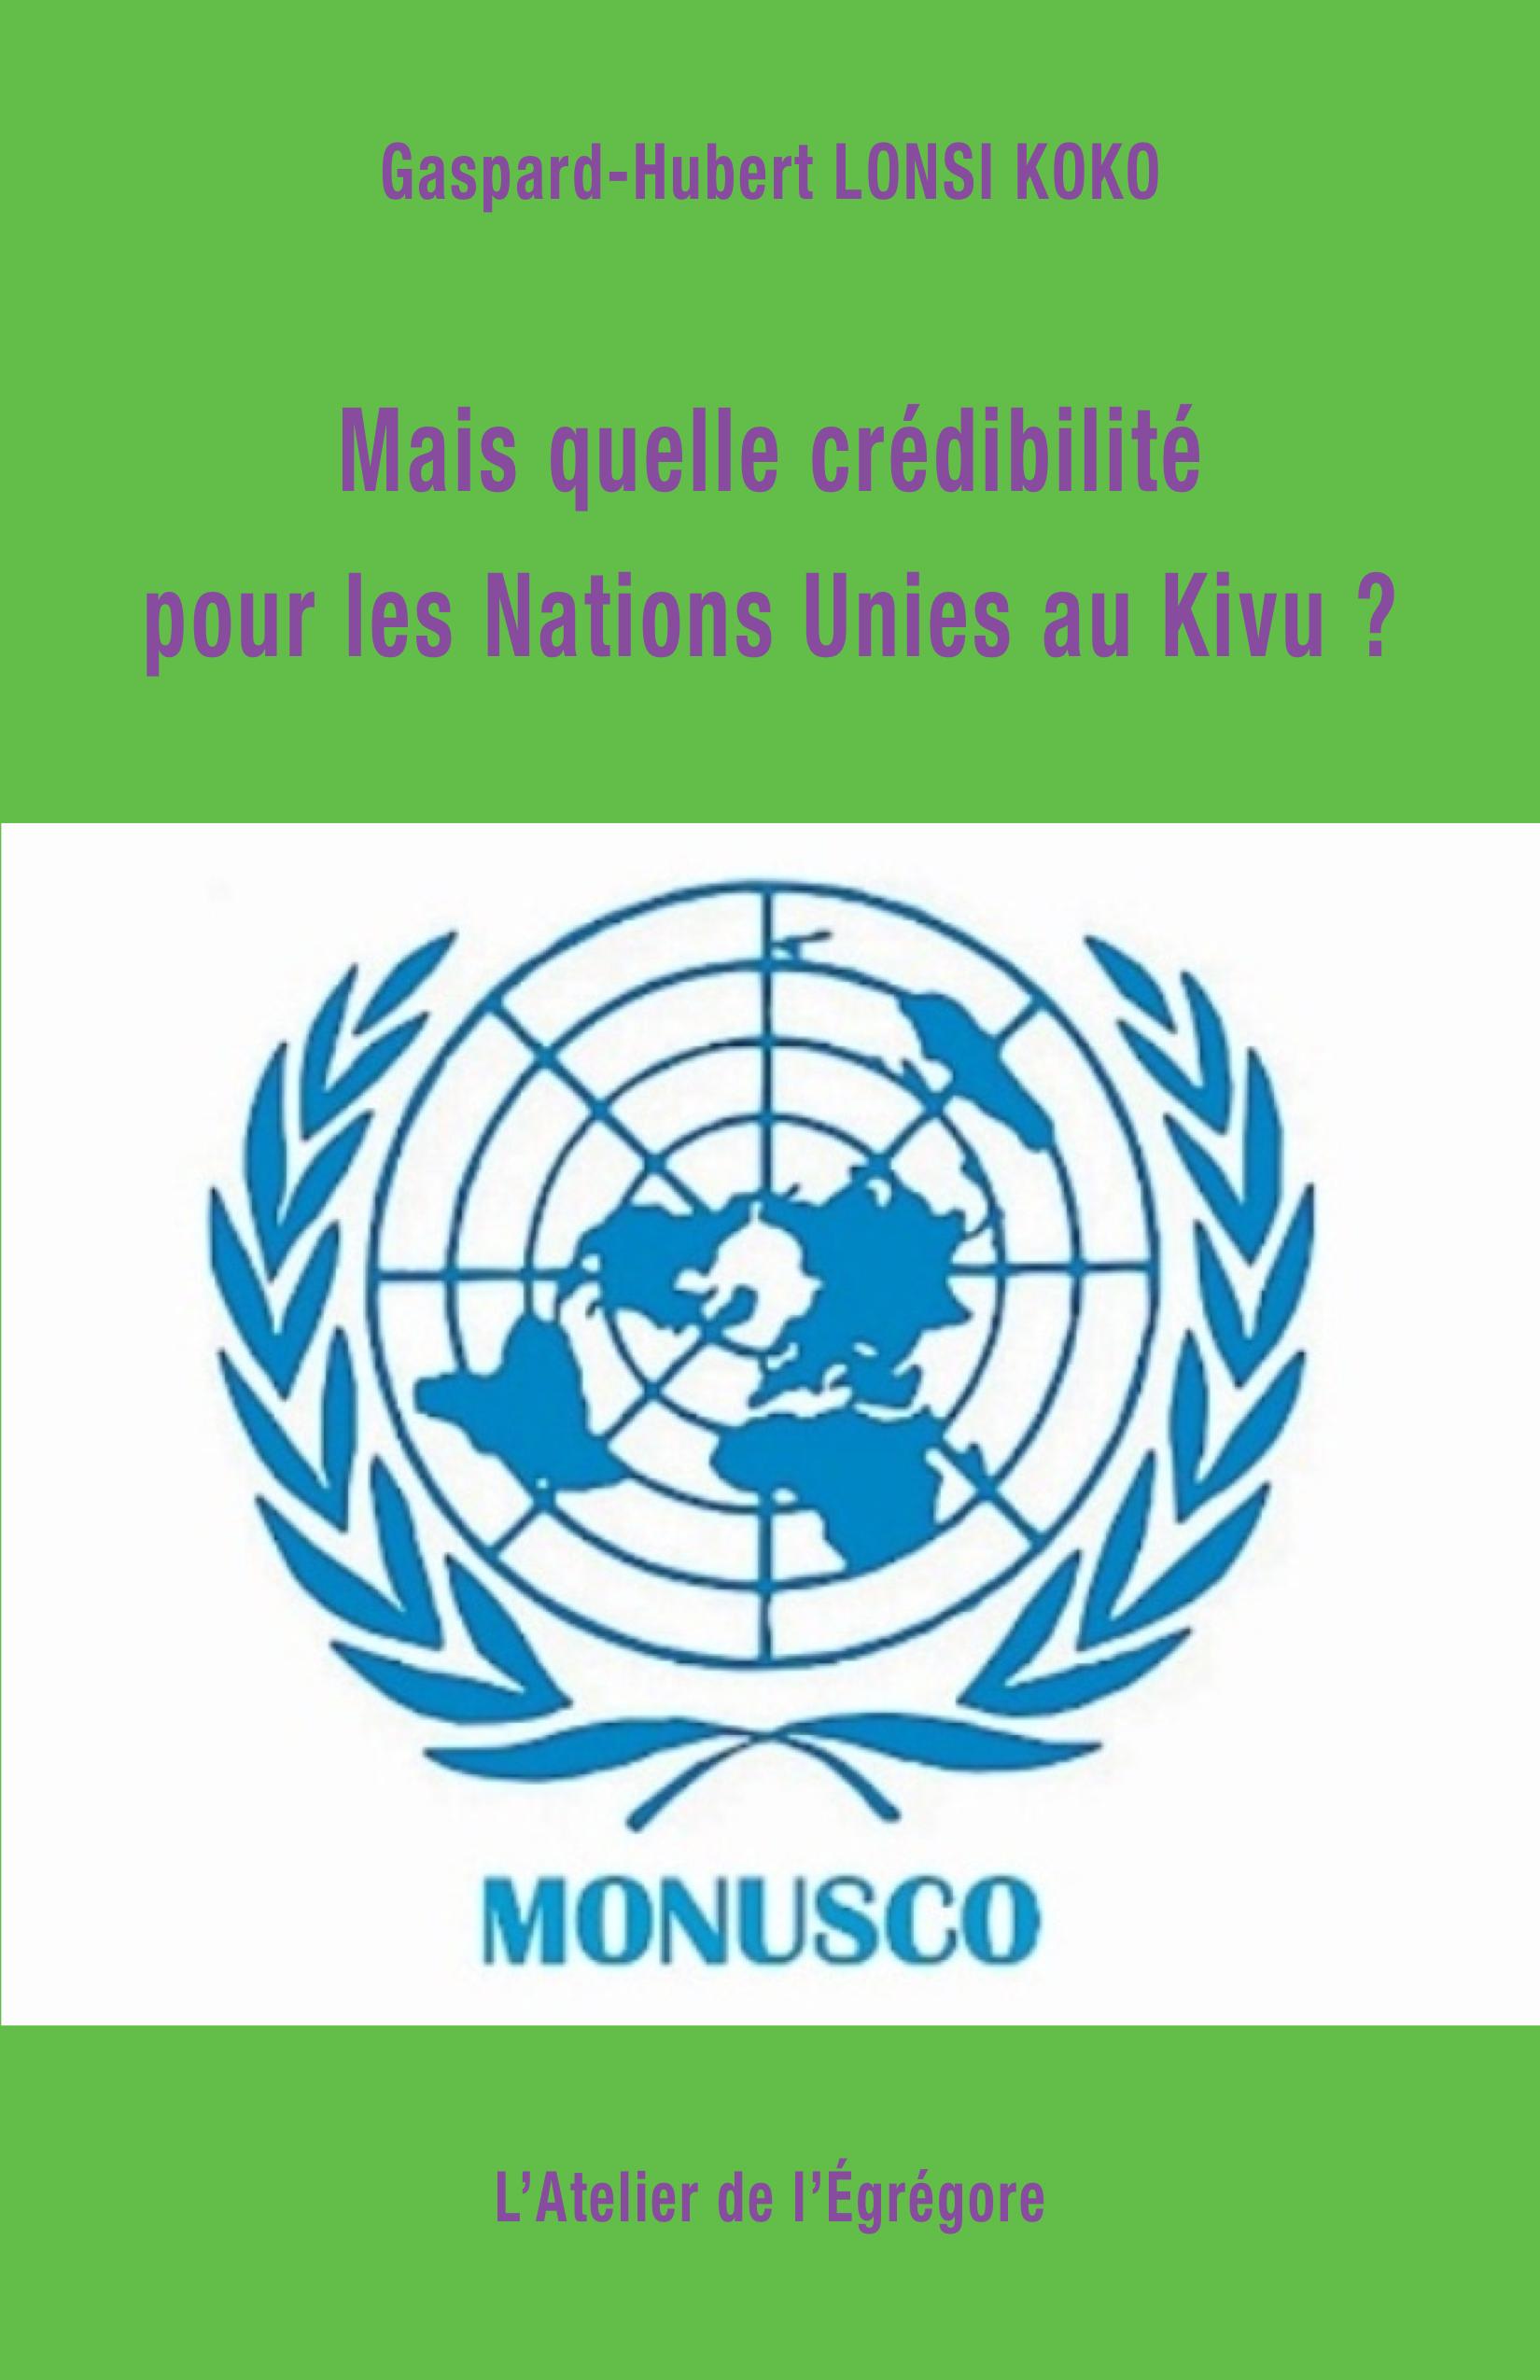 Mais quelle crédibilité pour les Nations Unies au Kivu ?